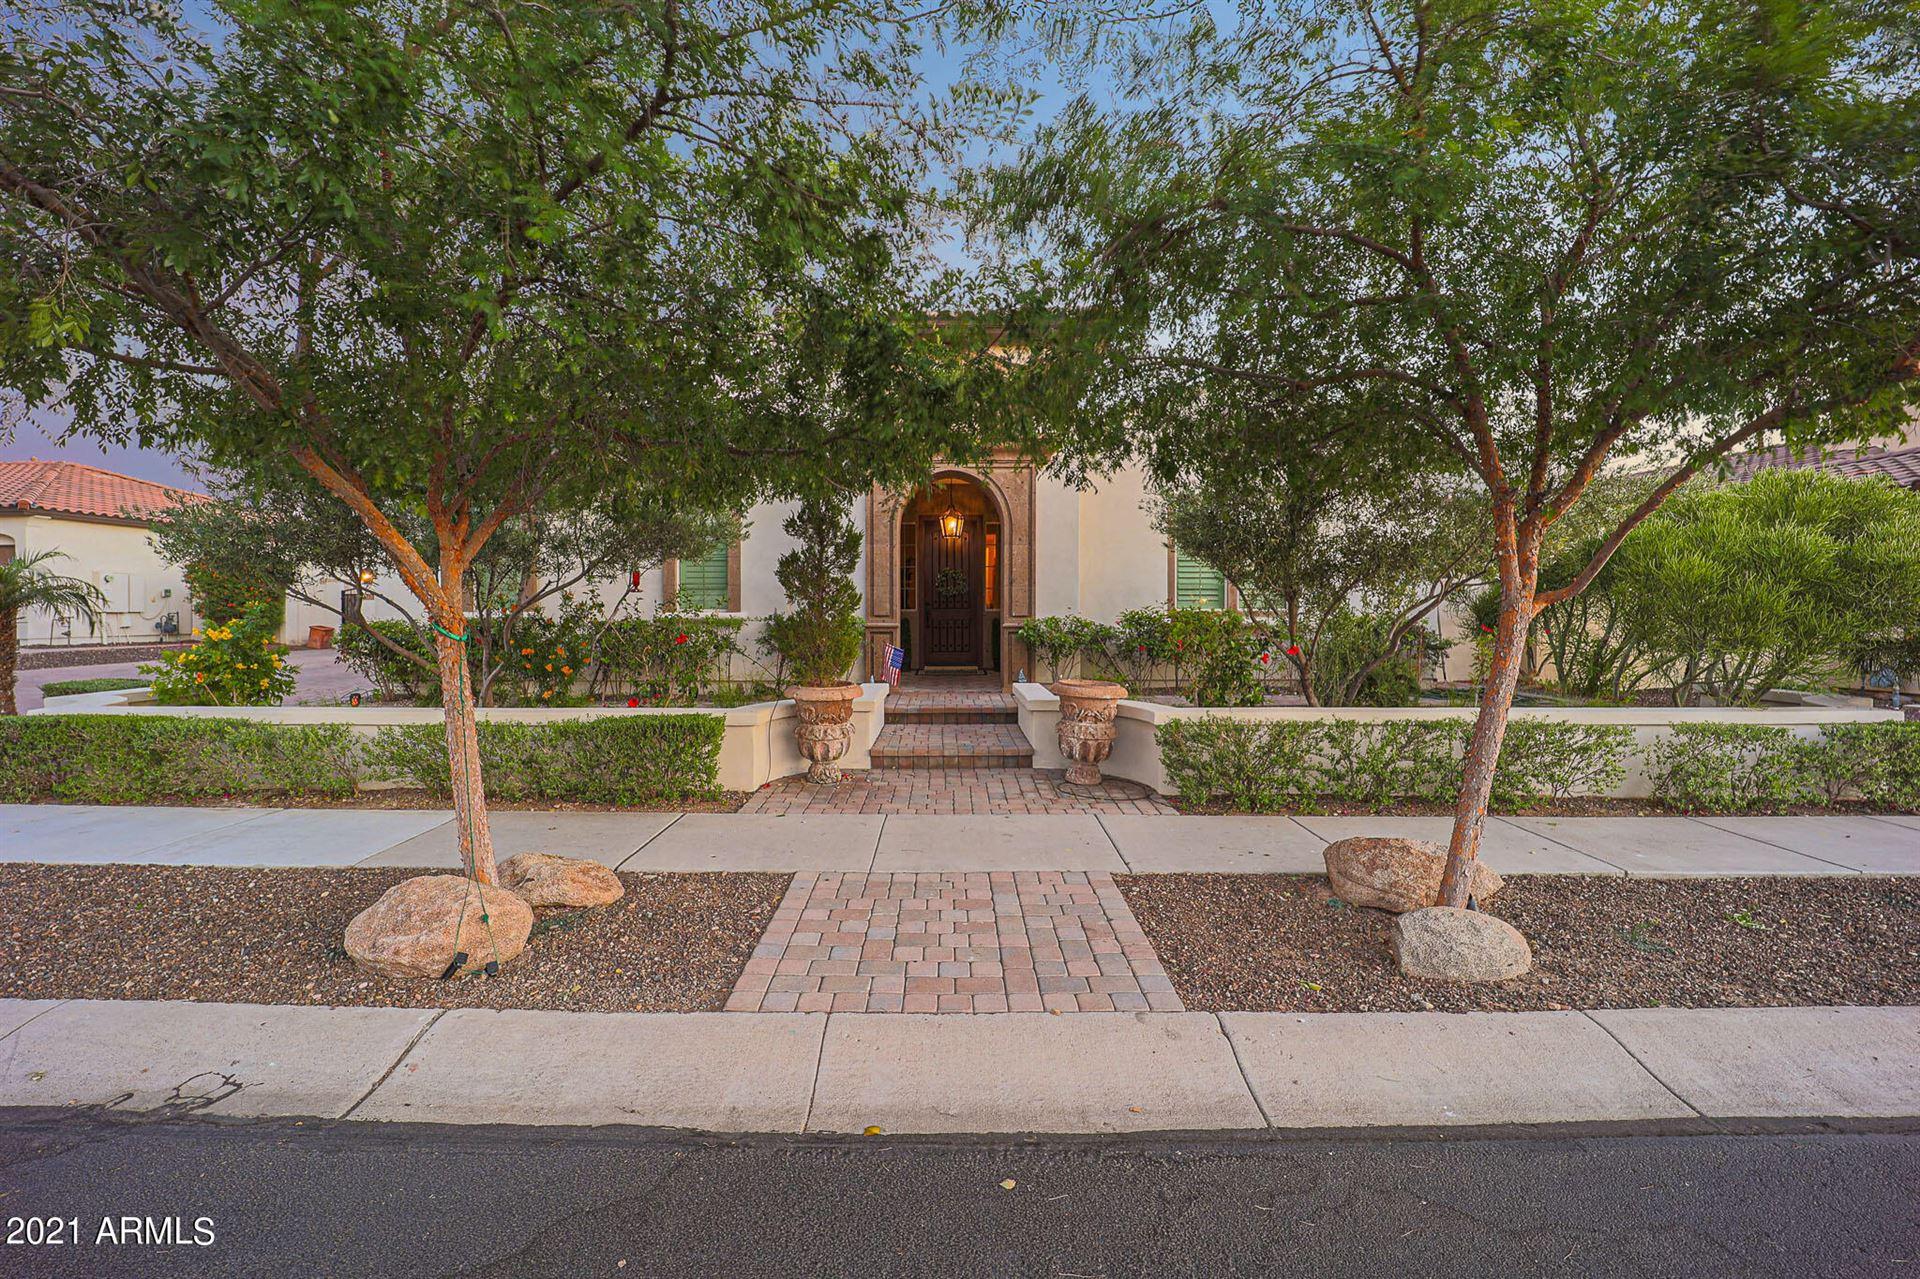 7571 W FIREBIRD Drive, Glendale, AZ 85308 - MLS#: 6232412